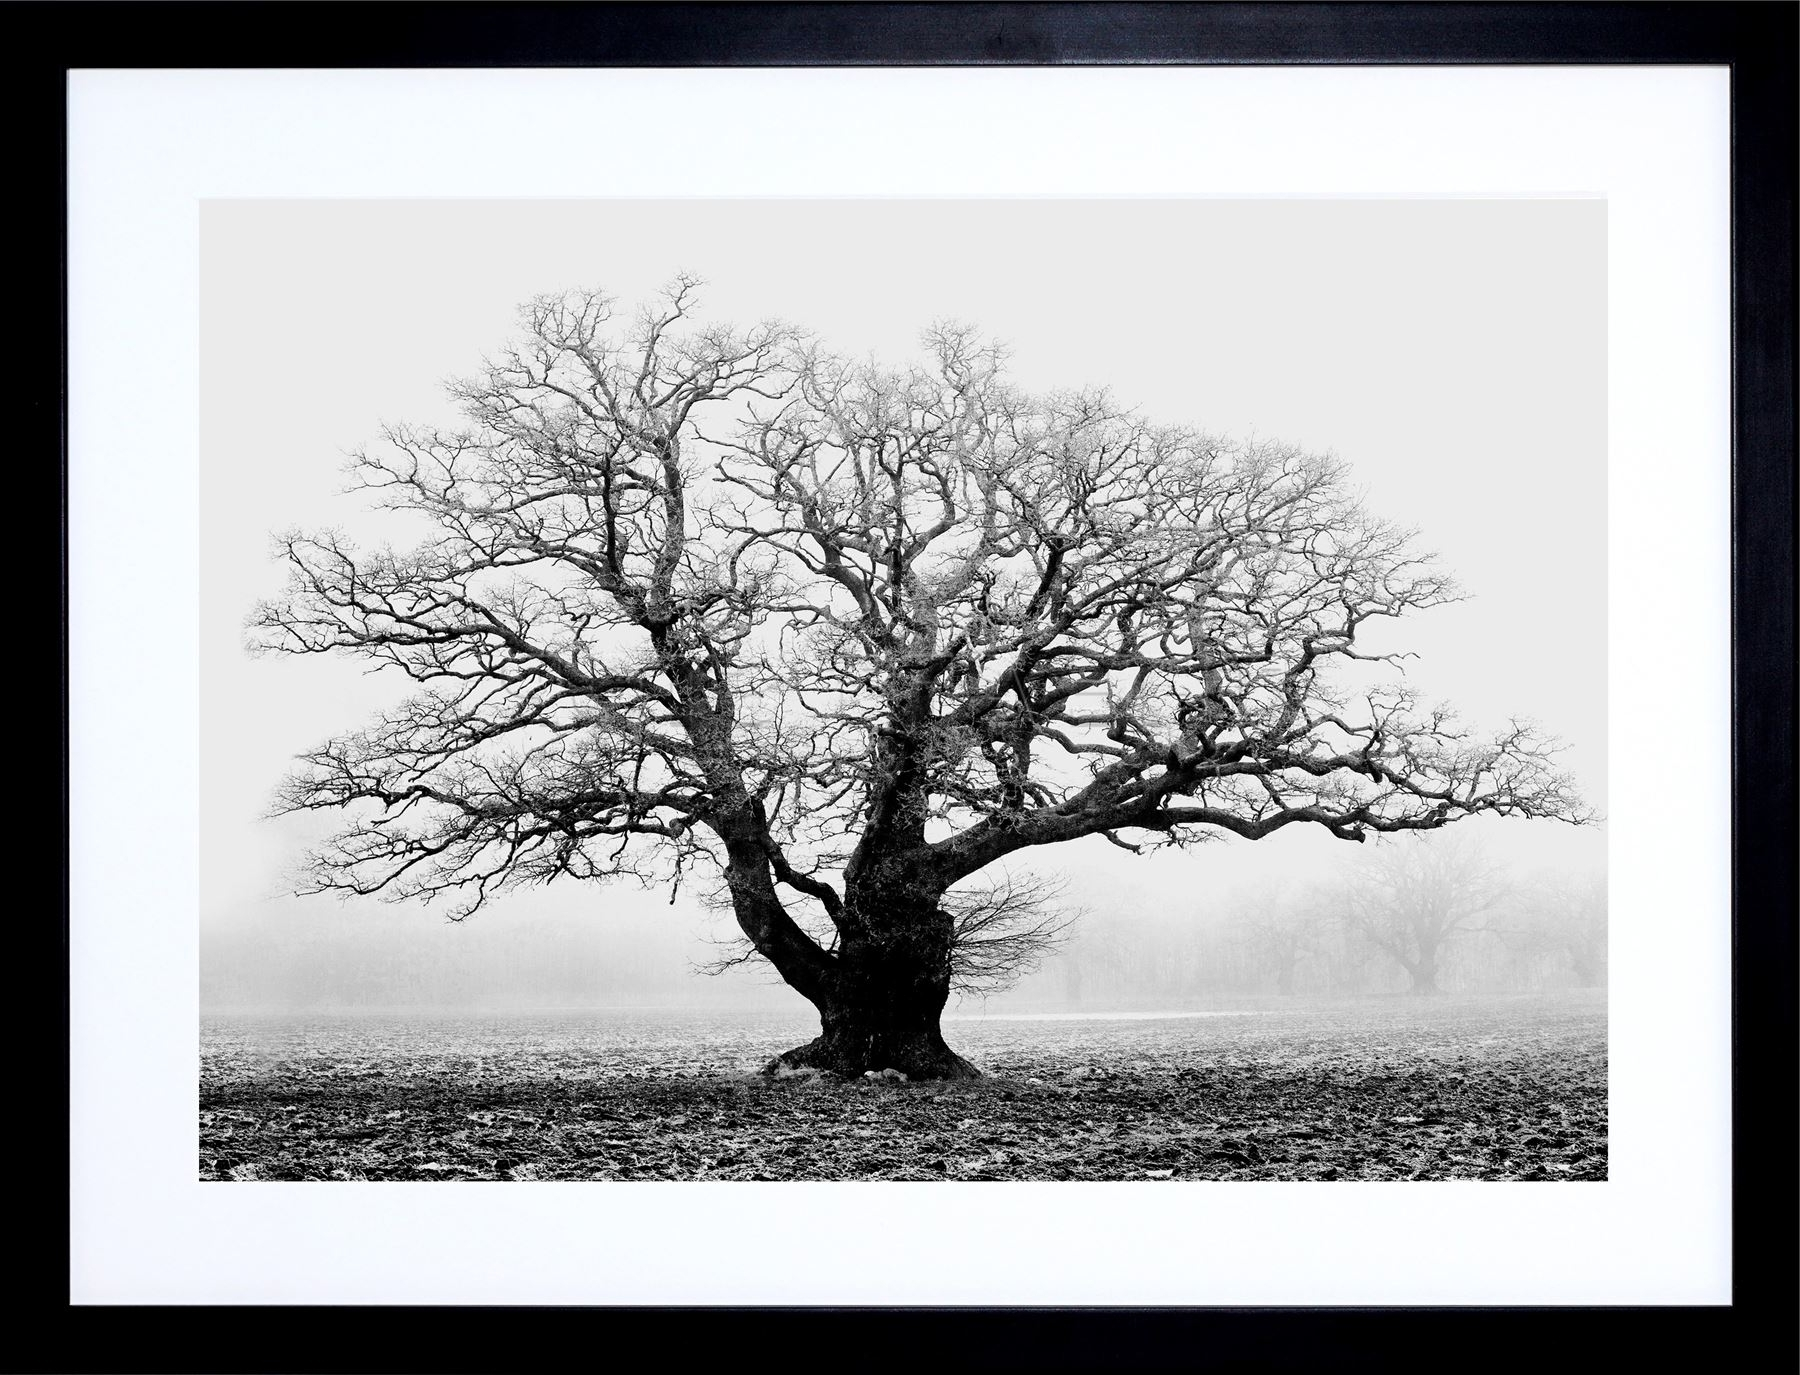 Black Framed Art Prints Intended For Fashionable Old Oak Tree Black White Mist Fog Photo Framed Art Print Picture (Gallery 1 of 15)